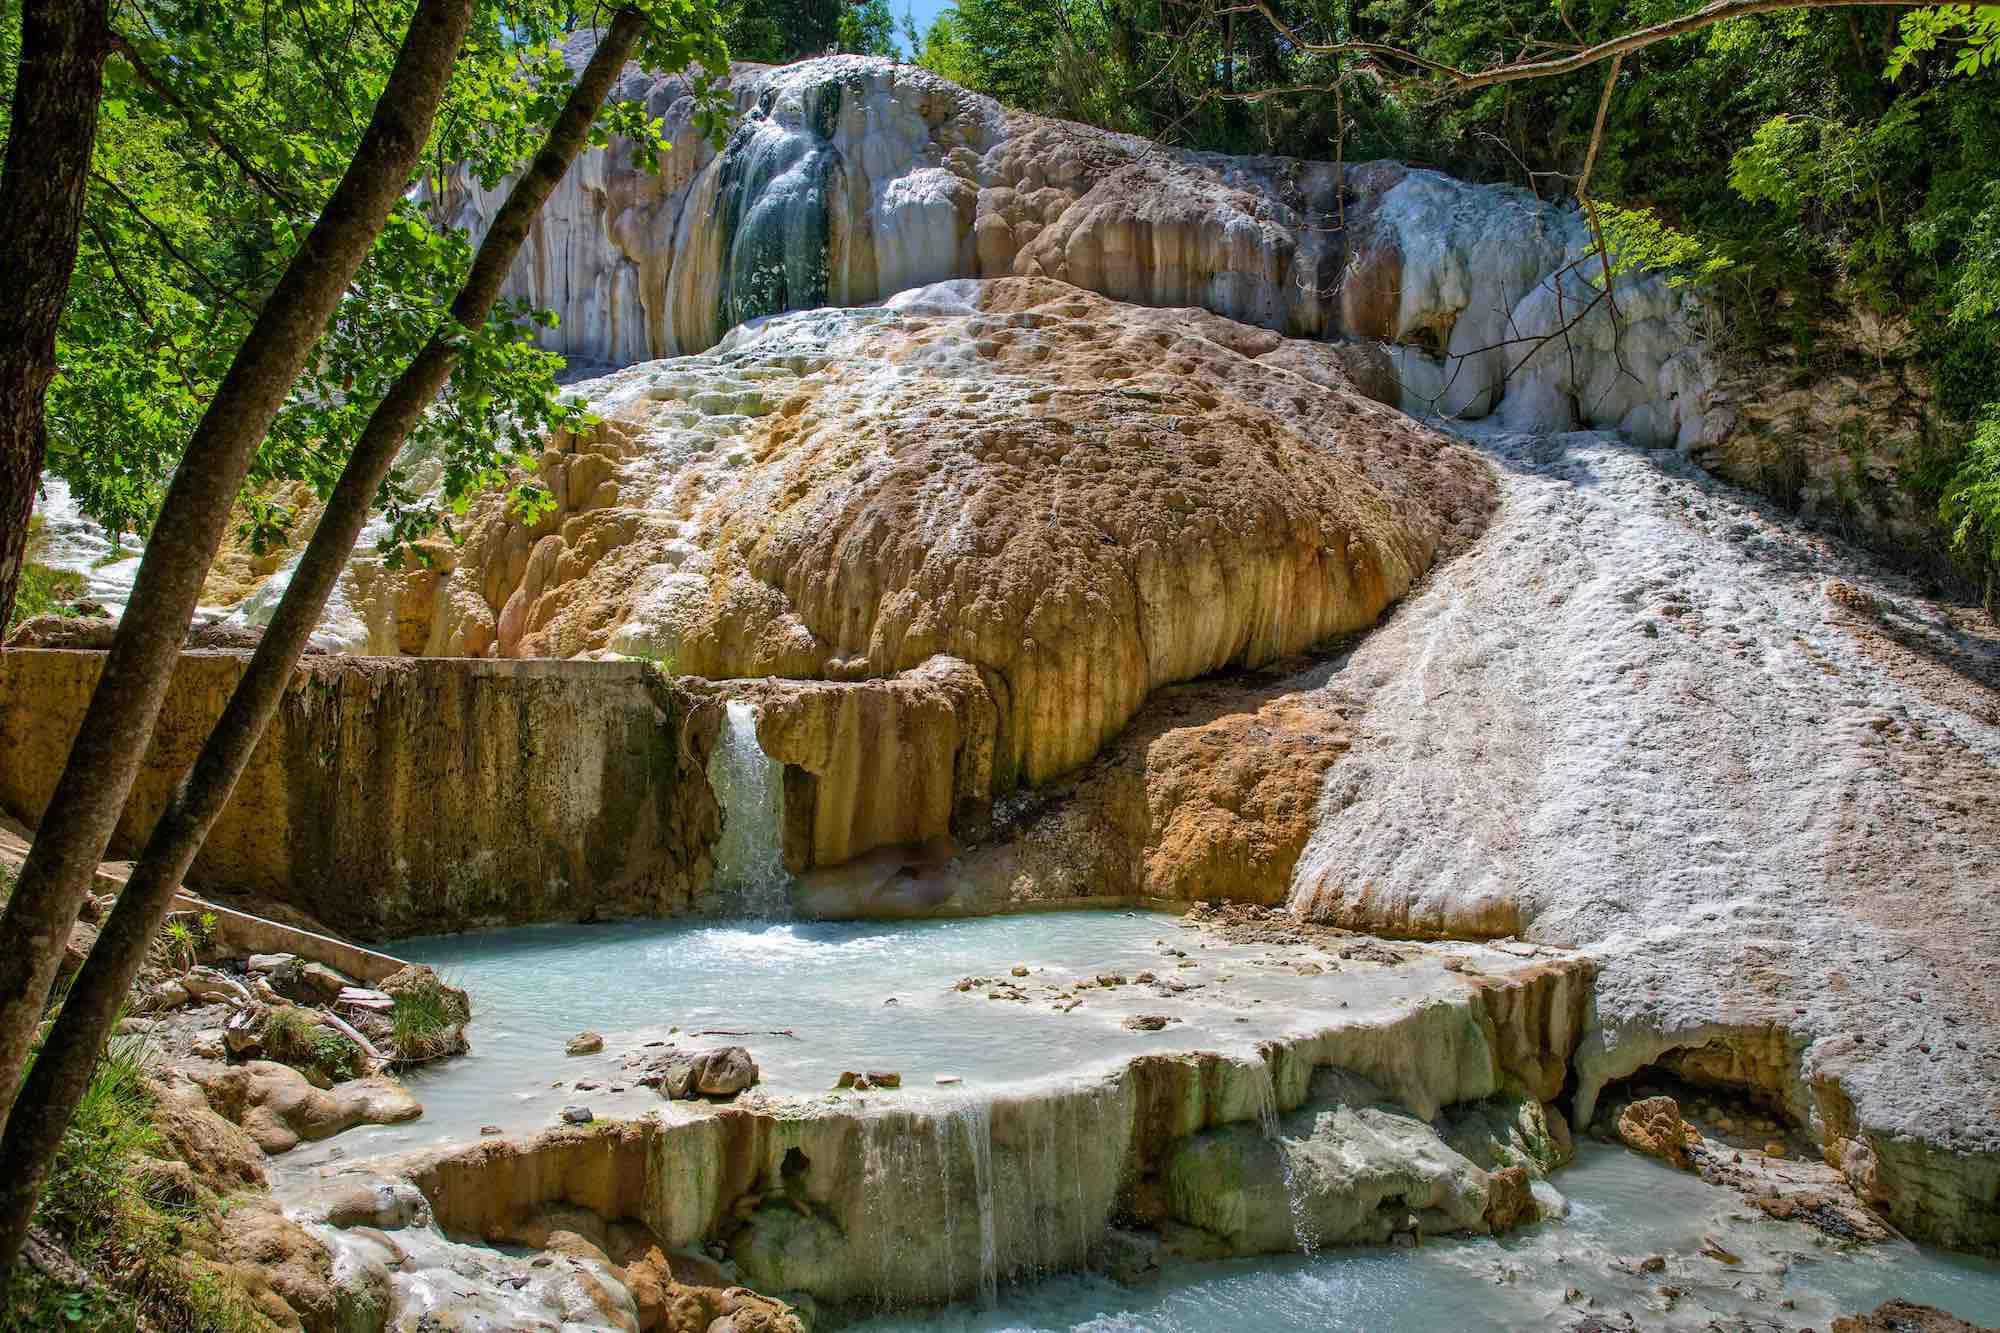 Bagni San Filippo, cascata colorata con acque termali in Val d'Orcia